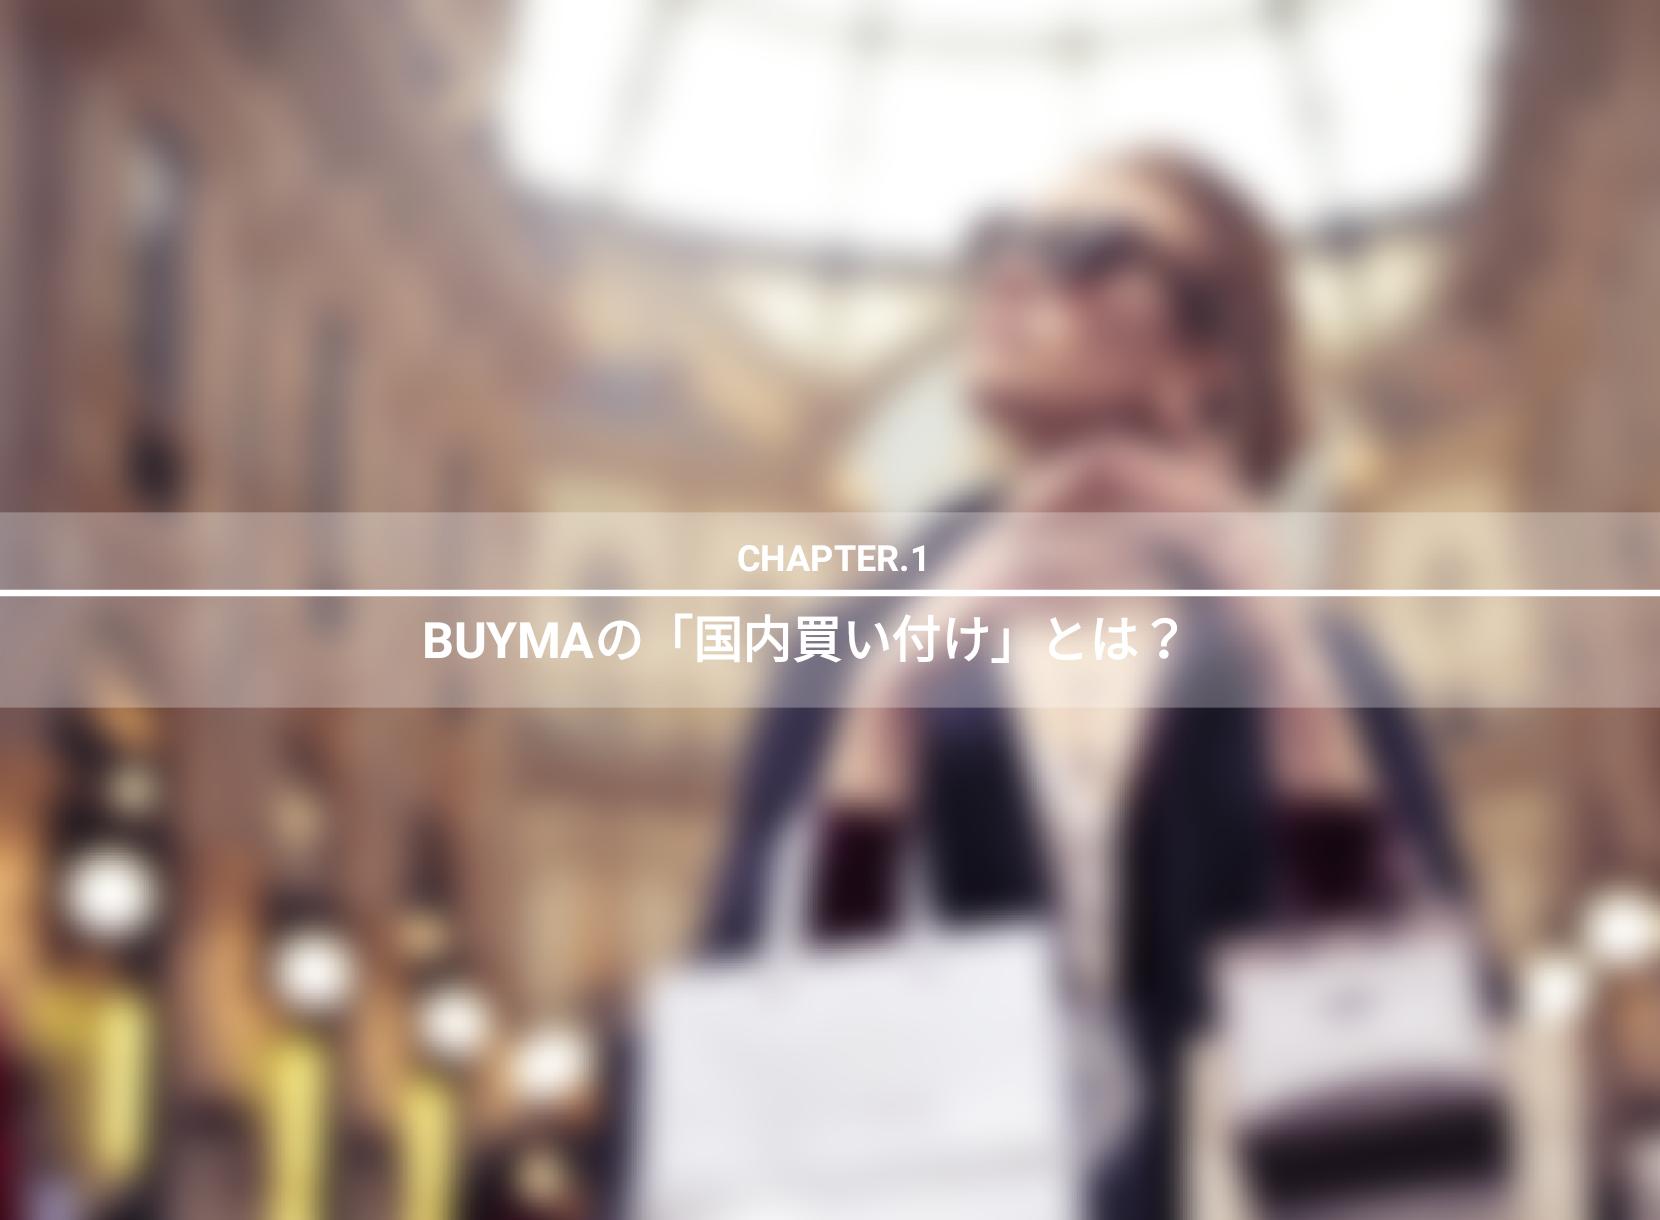 BUYMA(バイマ)の国内買い付け